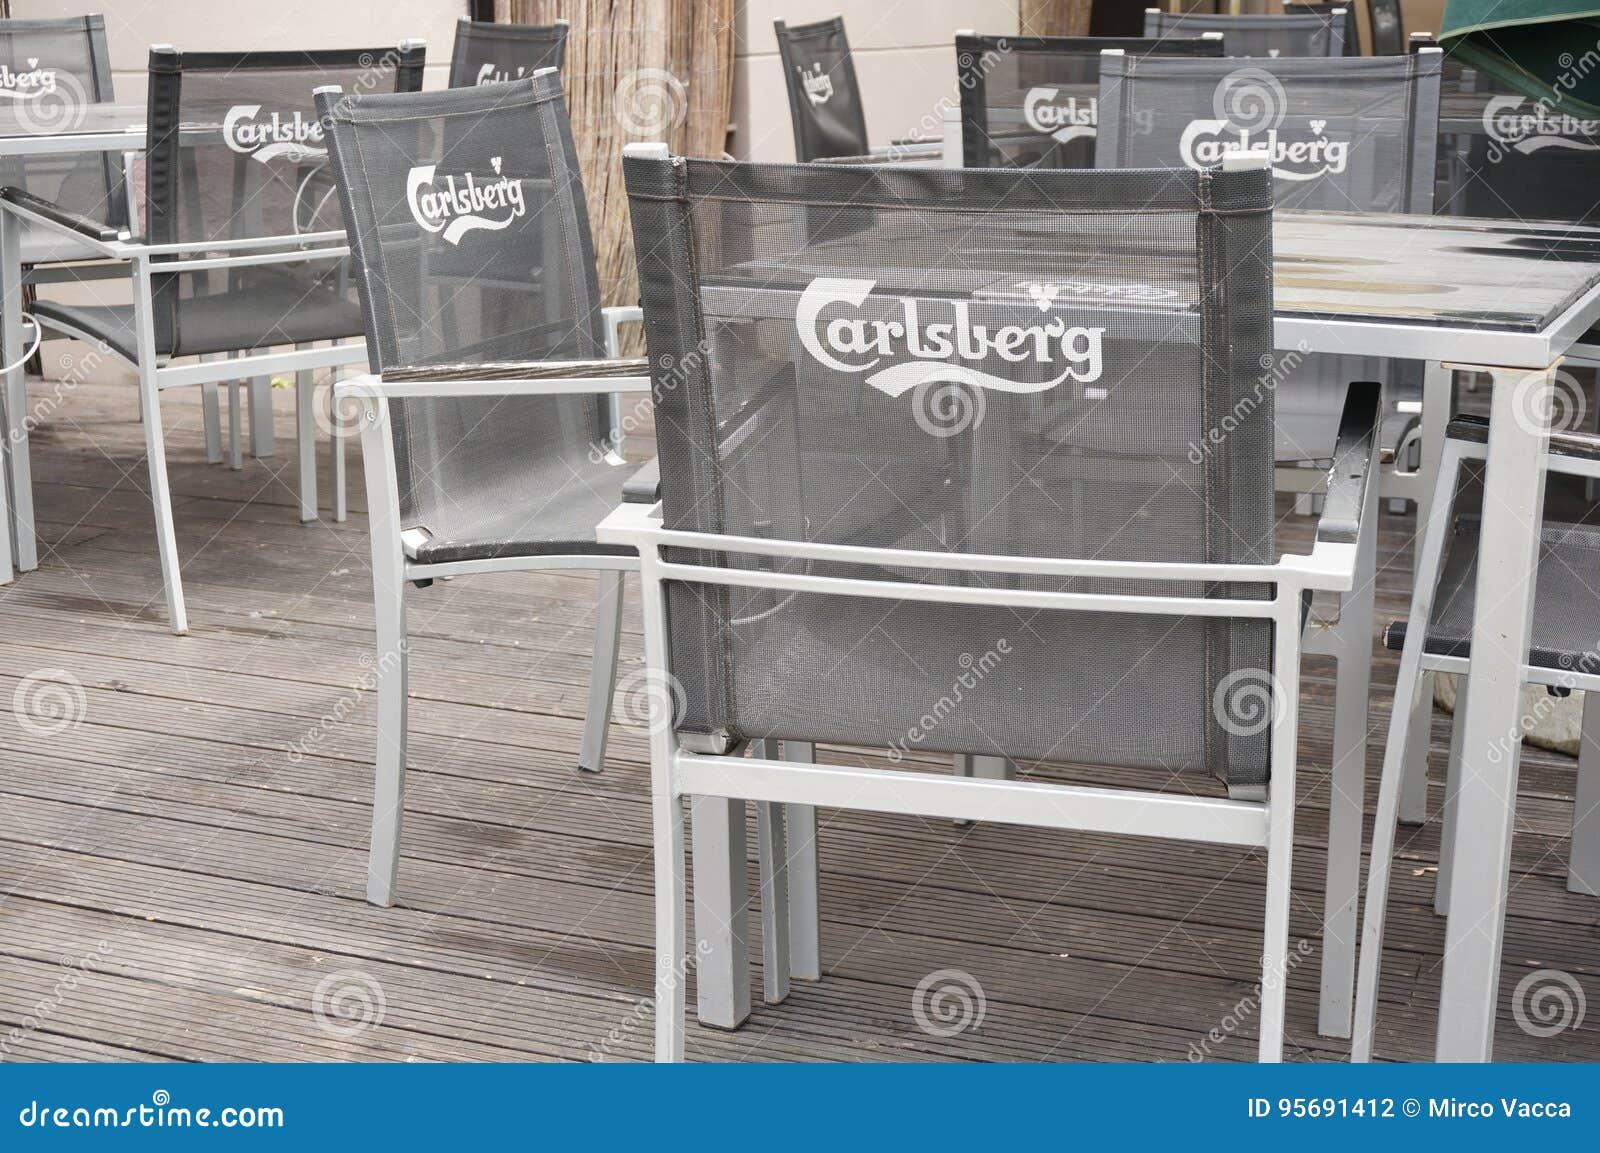 Fußboden Aus Polen ~ Carlsberg stühle redaktionelles stockfotografie. bild von fußboden